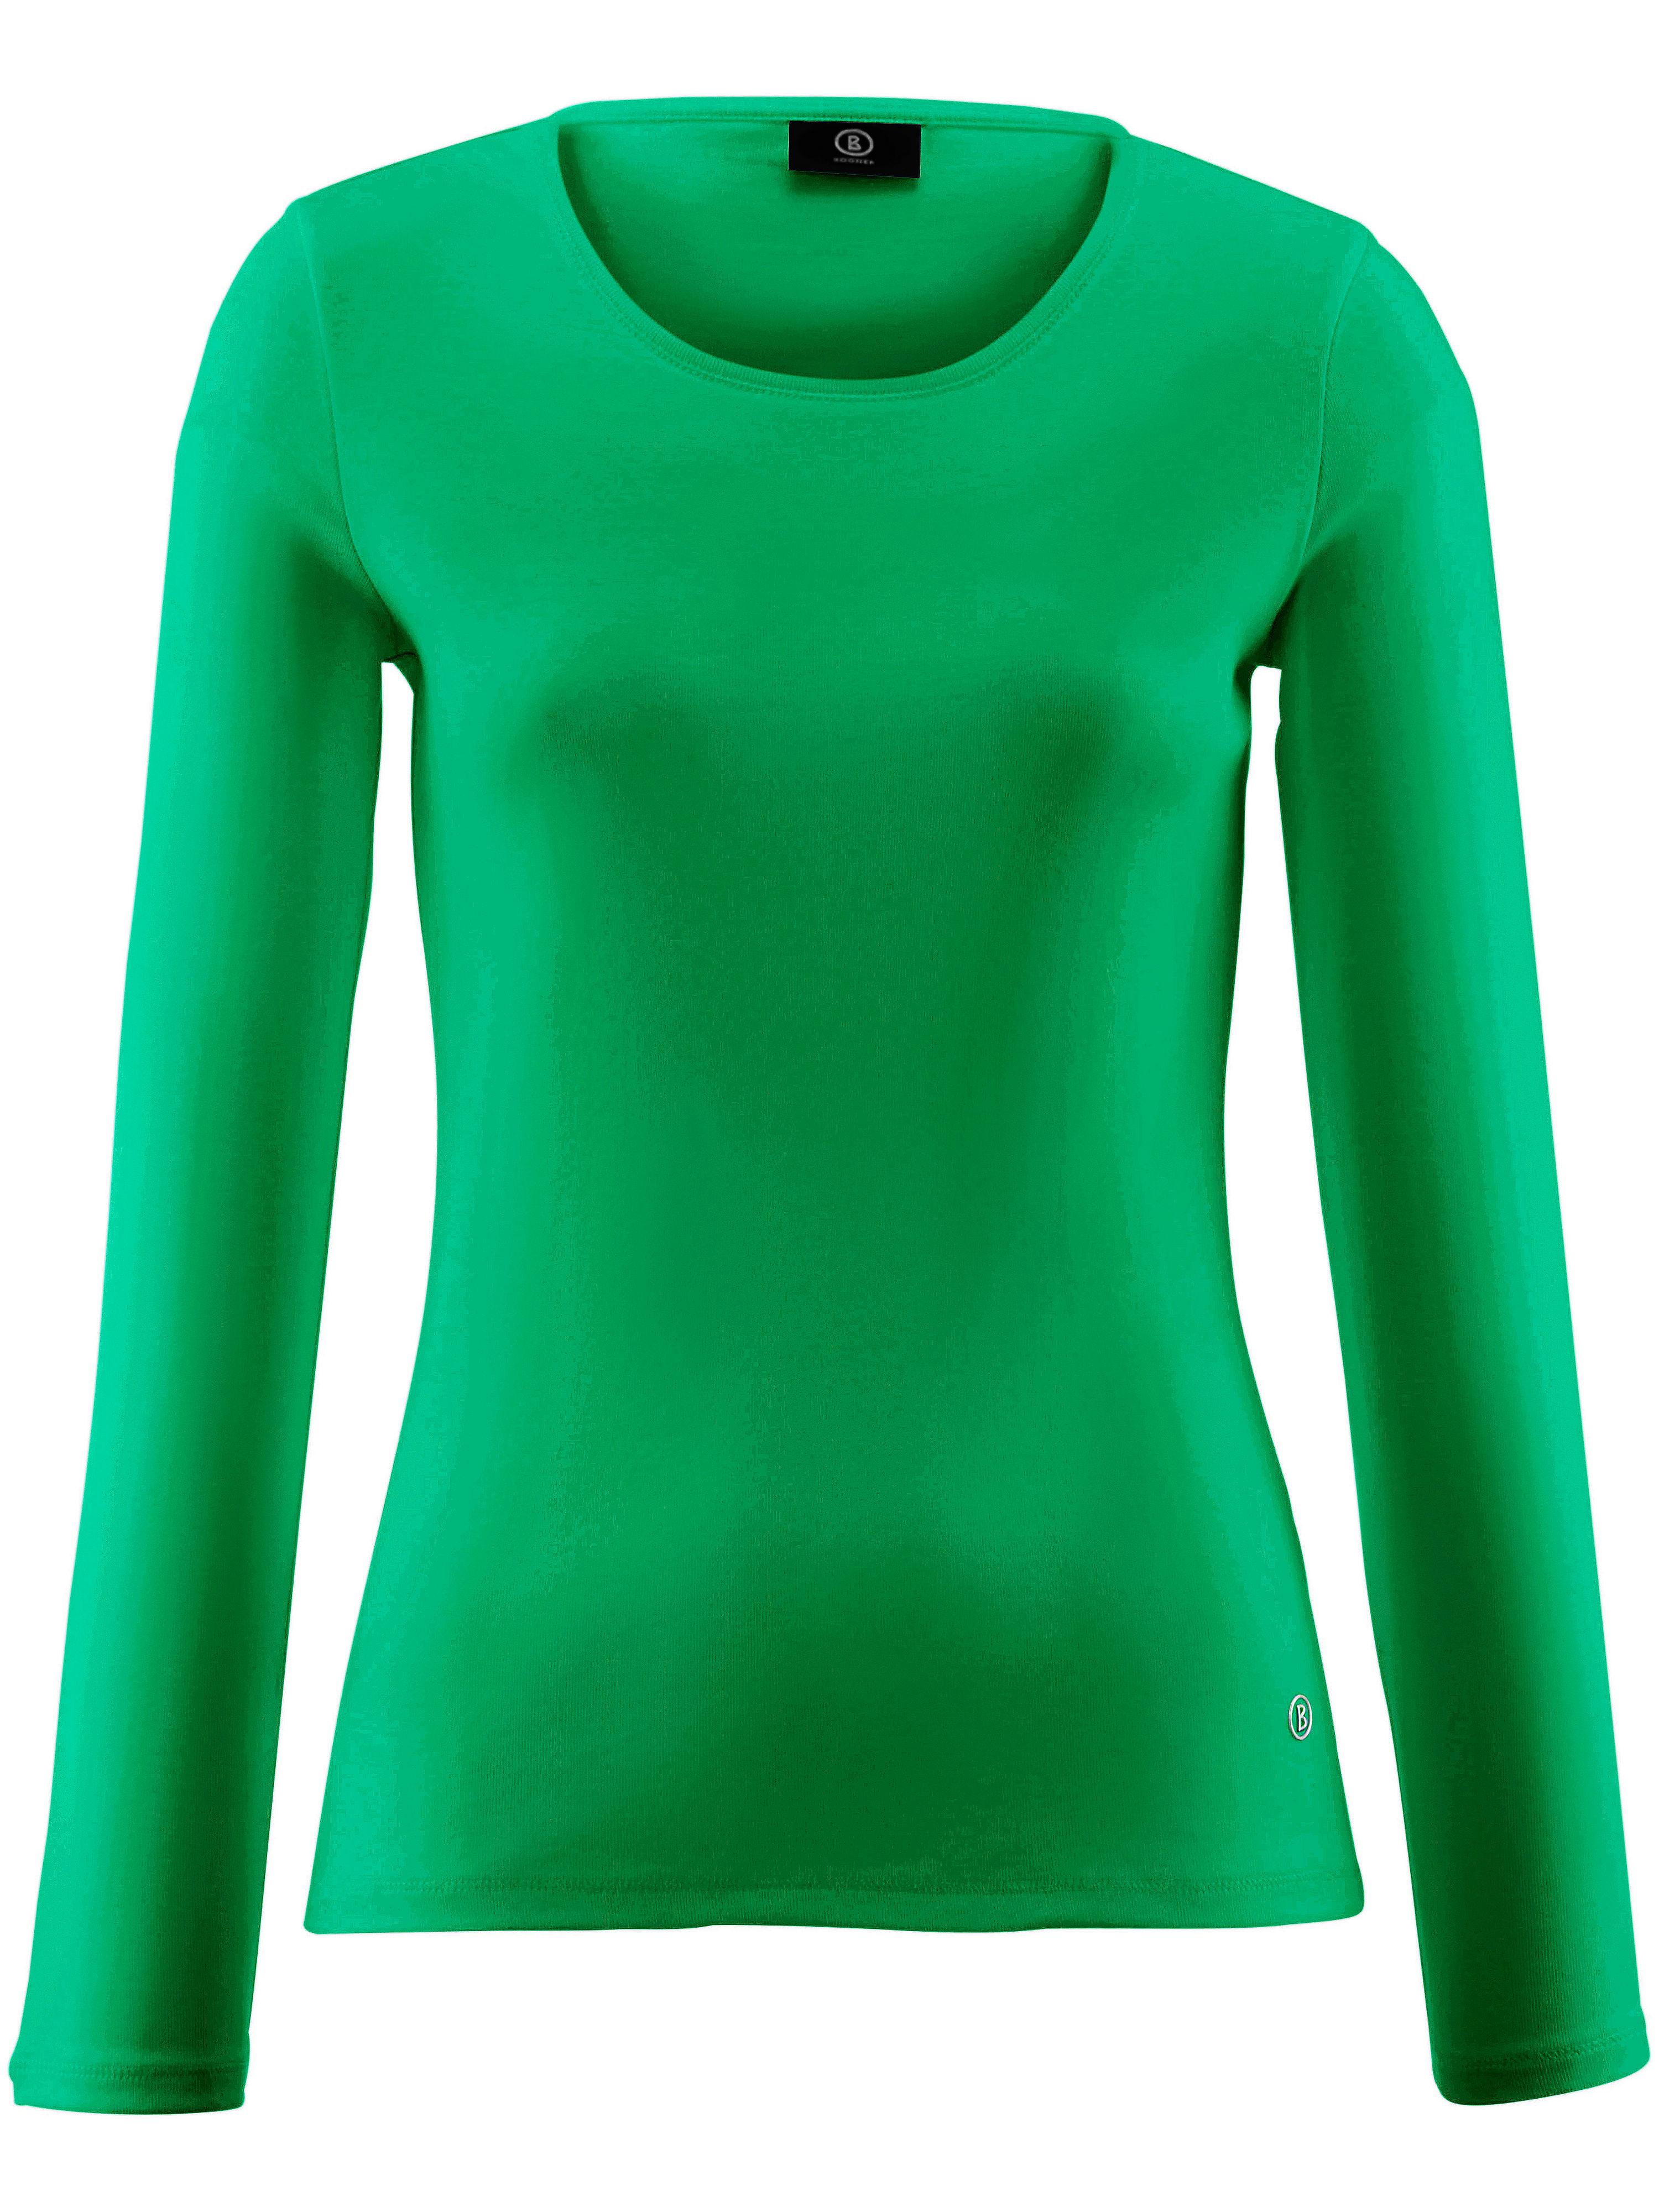 Le T-shirt 100% coton manches longues  Bogner vert taille 42